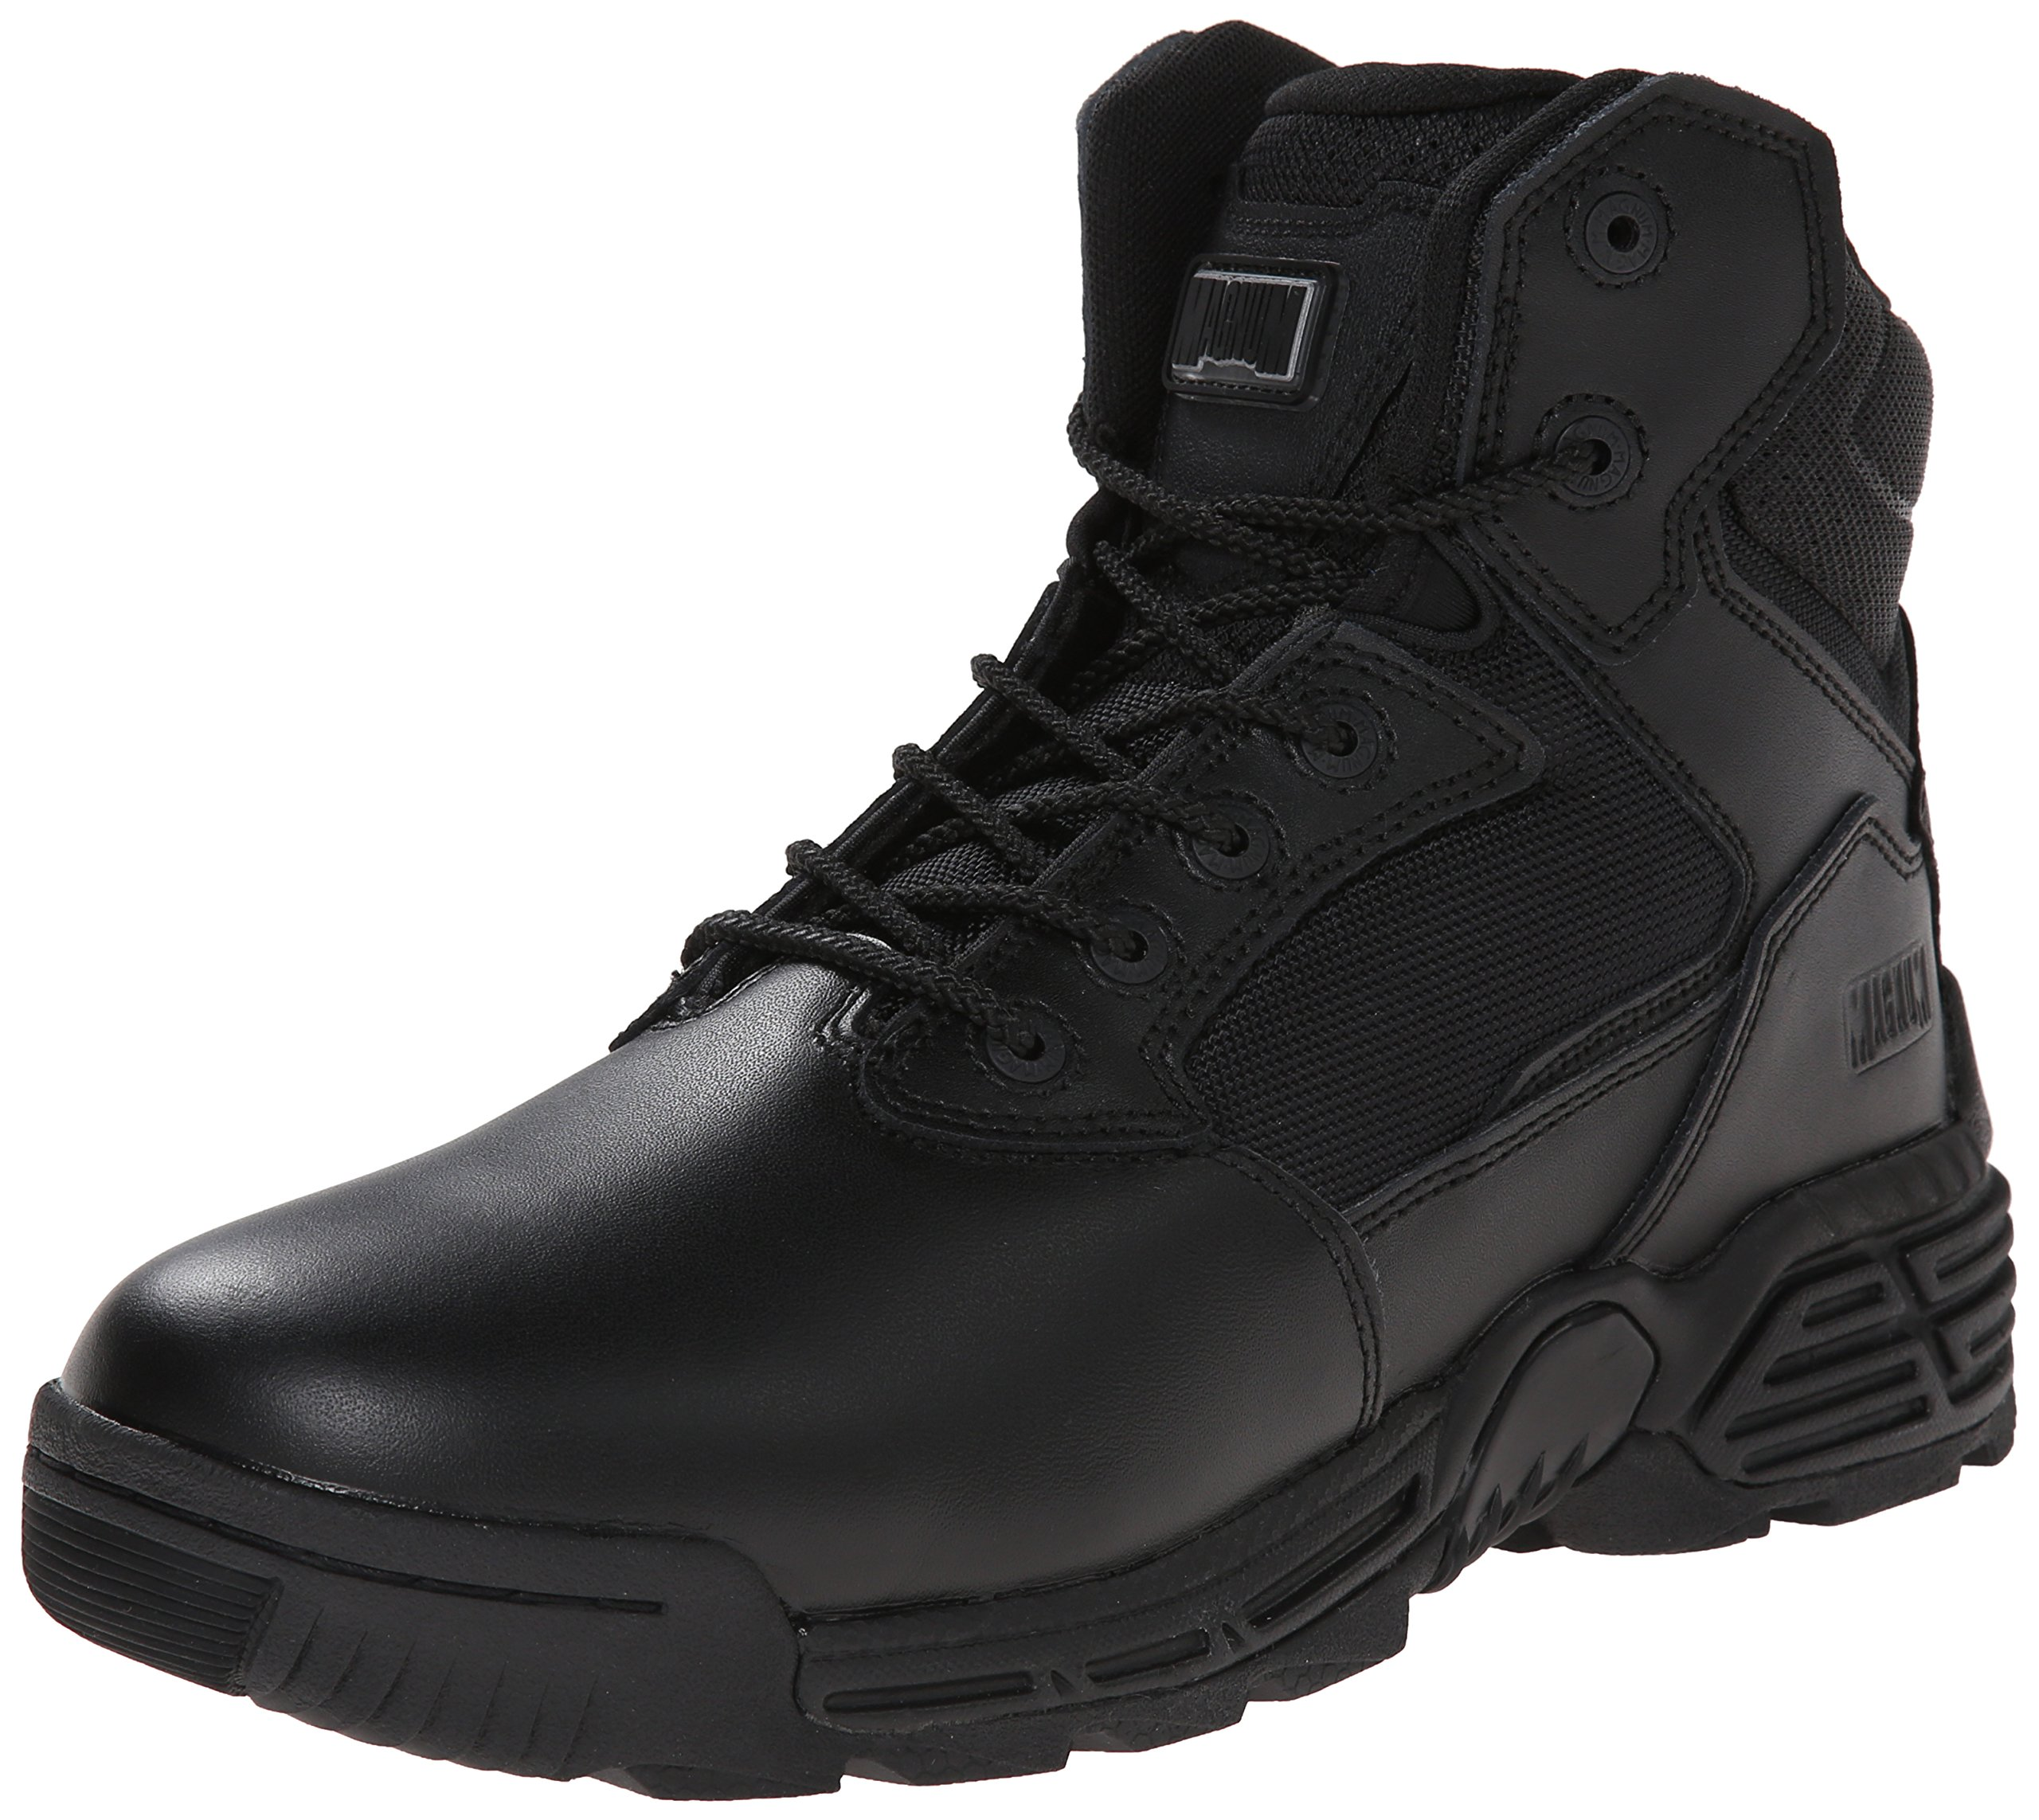 Magnum Men's Stealth Force 6.0 Boot,Black,15 M US